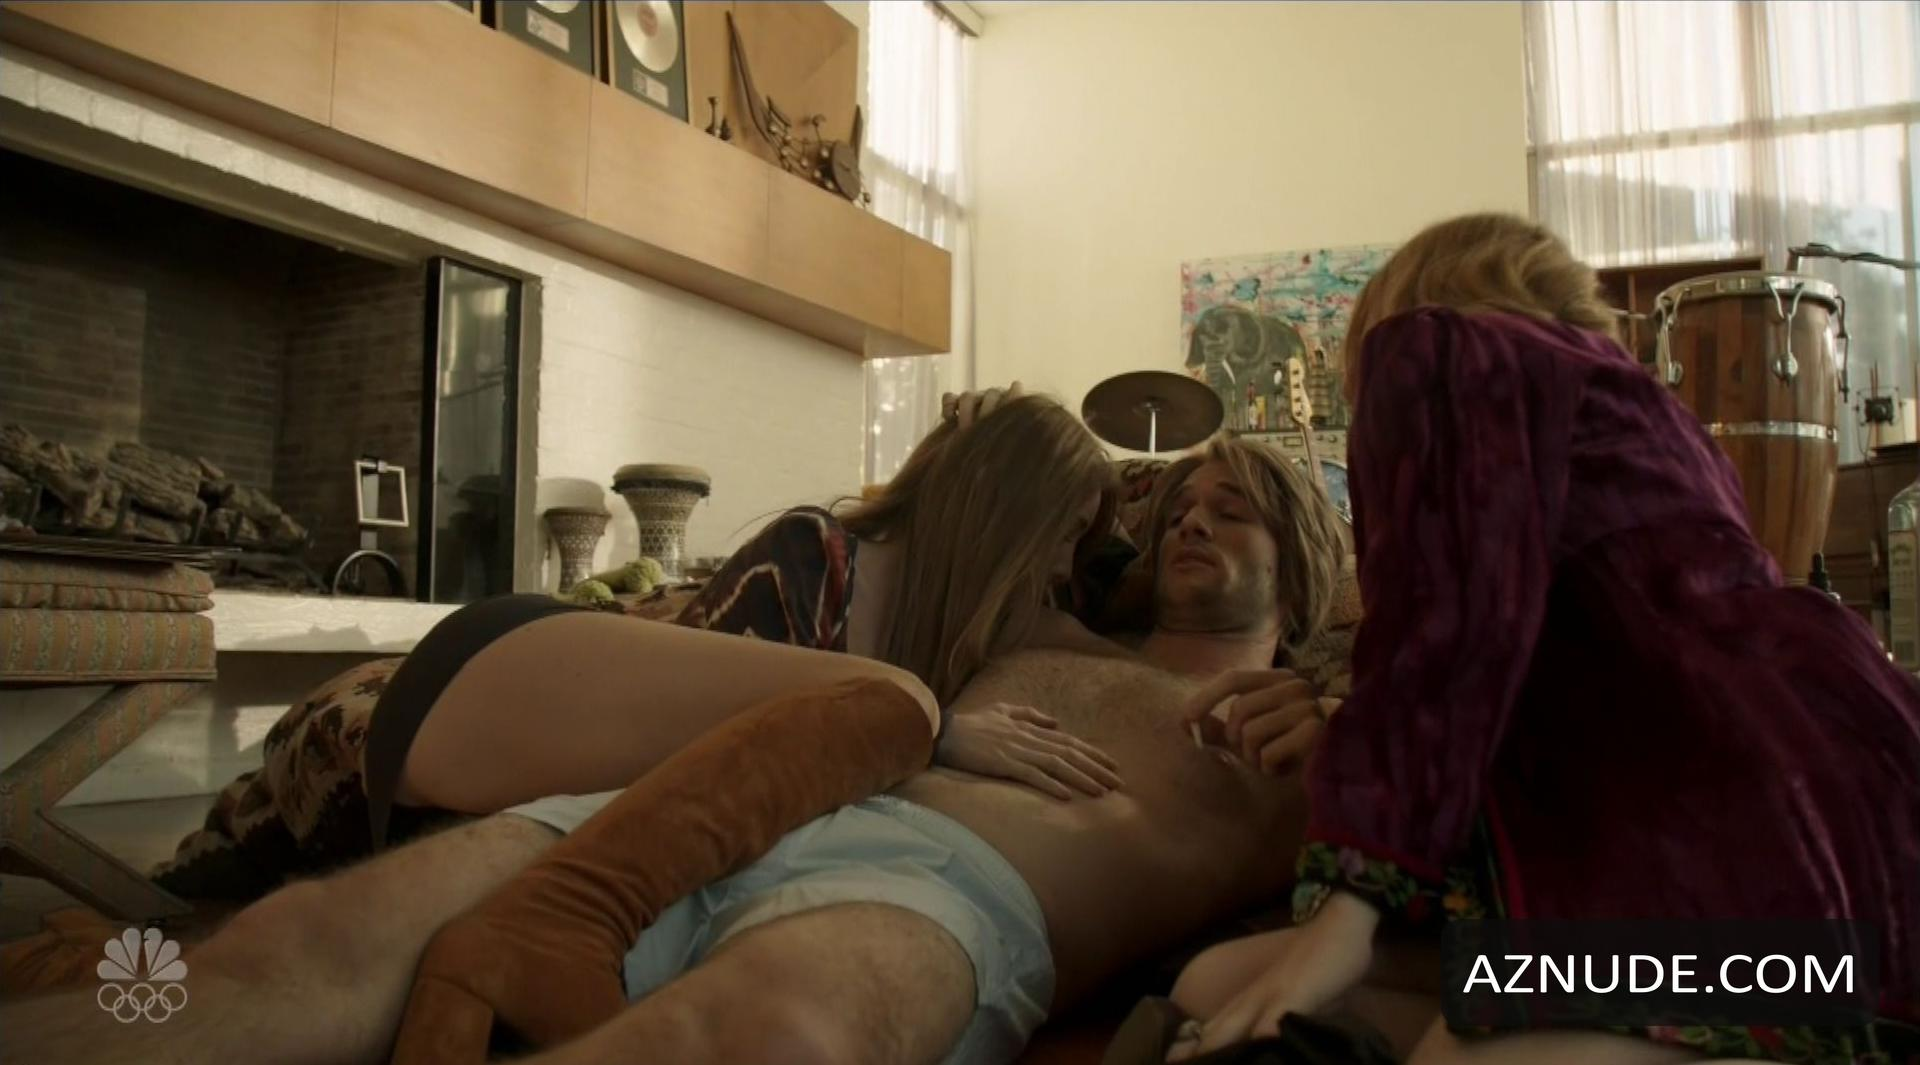 Sex Sadie Calvano Nude Pics Jpg